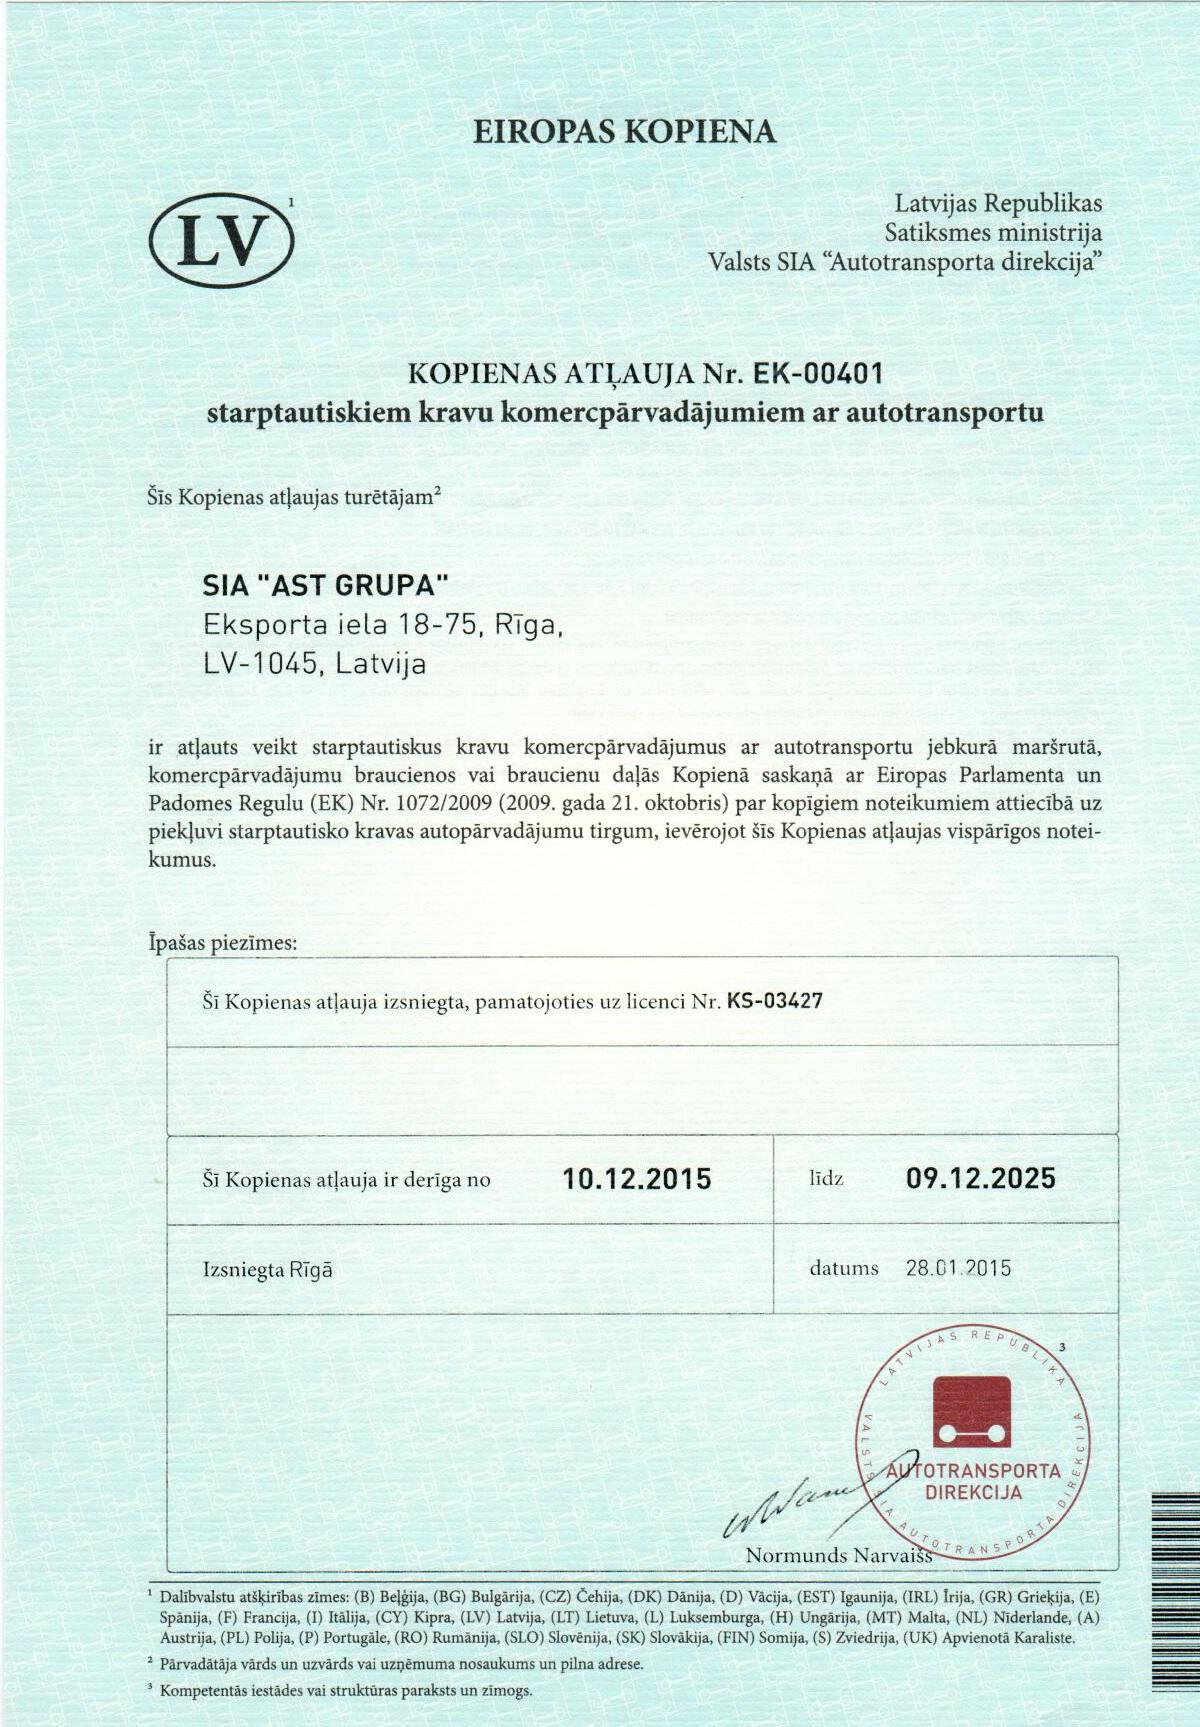 Разрешение на международные коммерческие автоперевозки